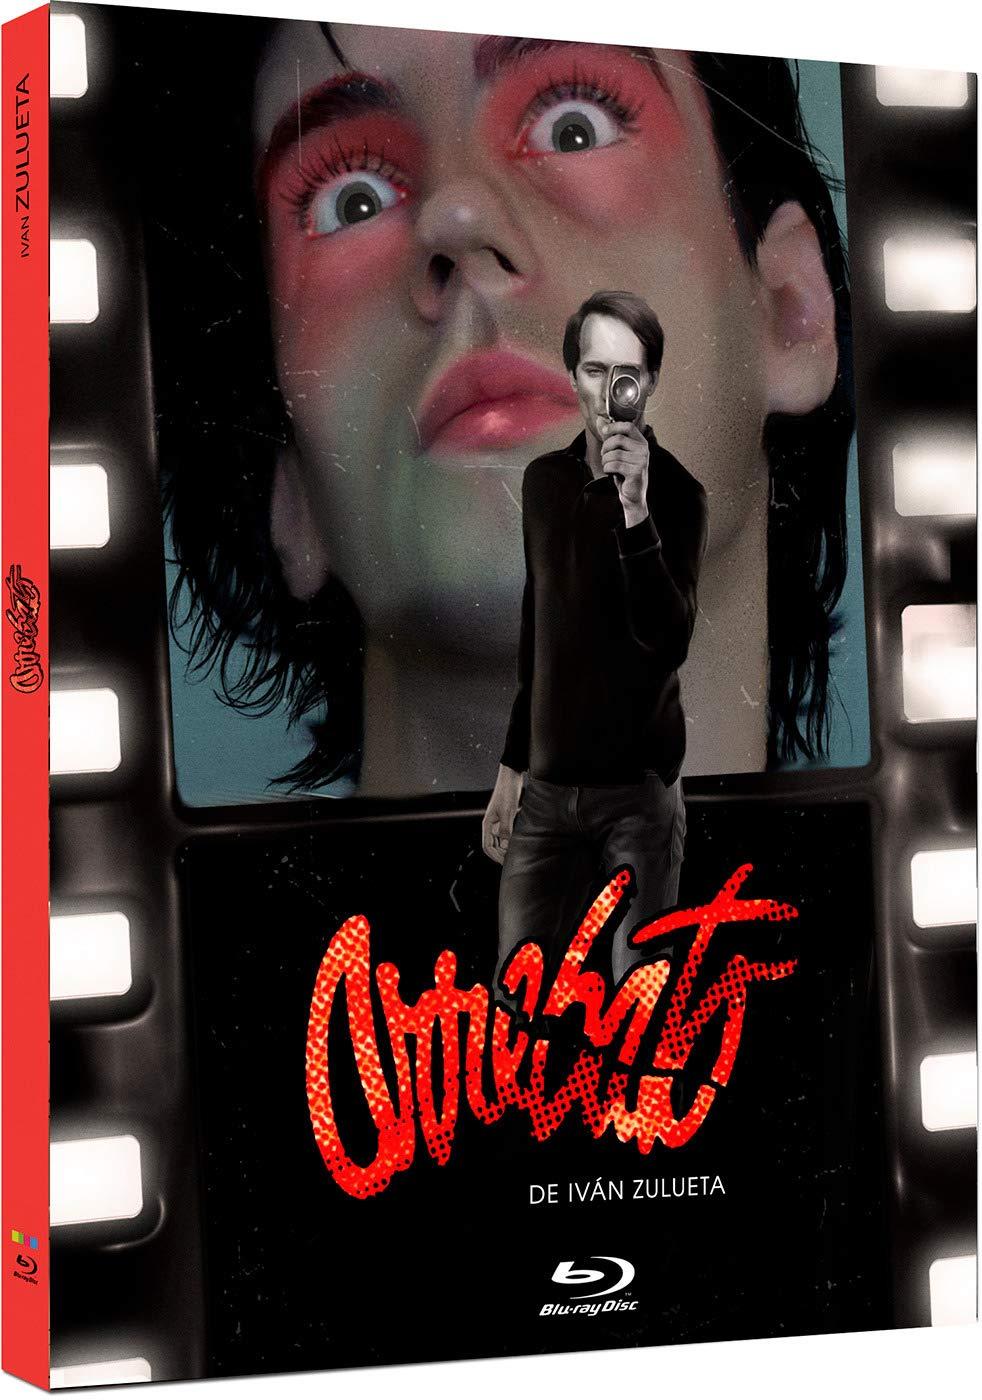 Image result for arrebato 39 escalones films